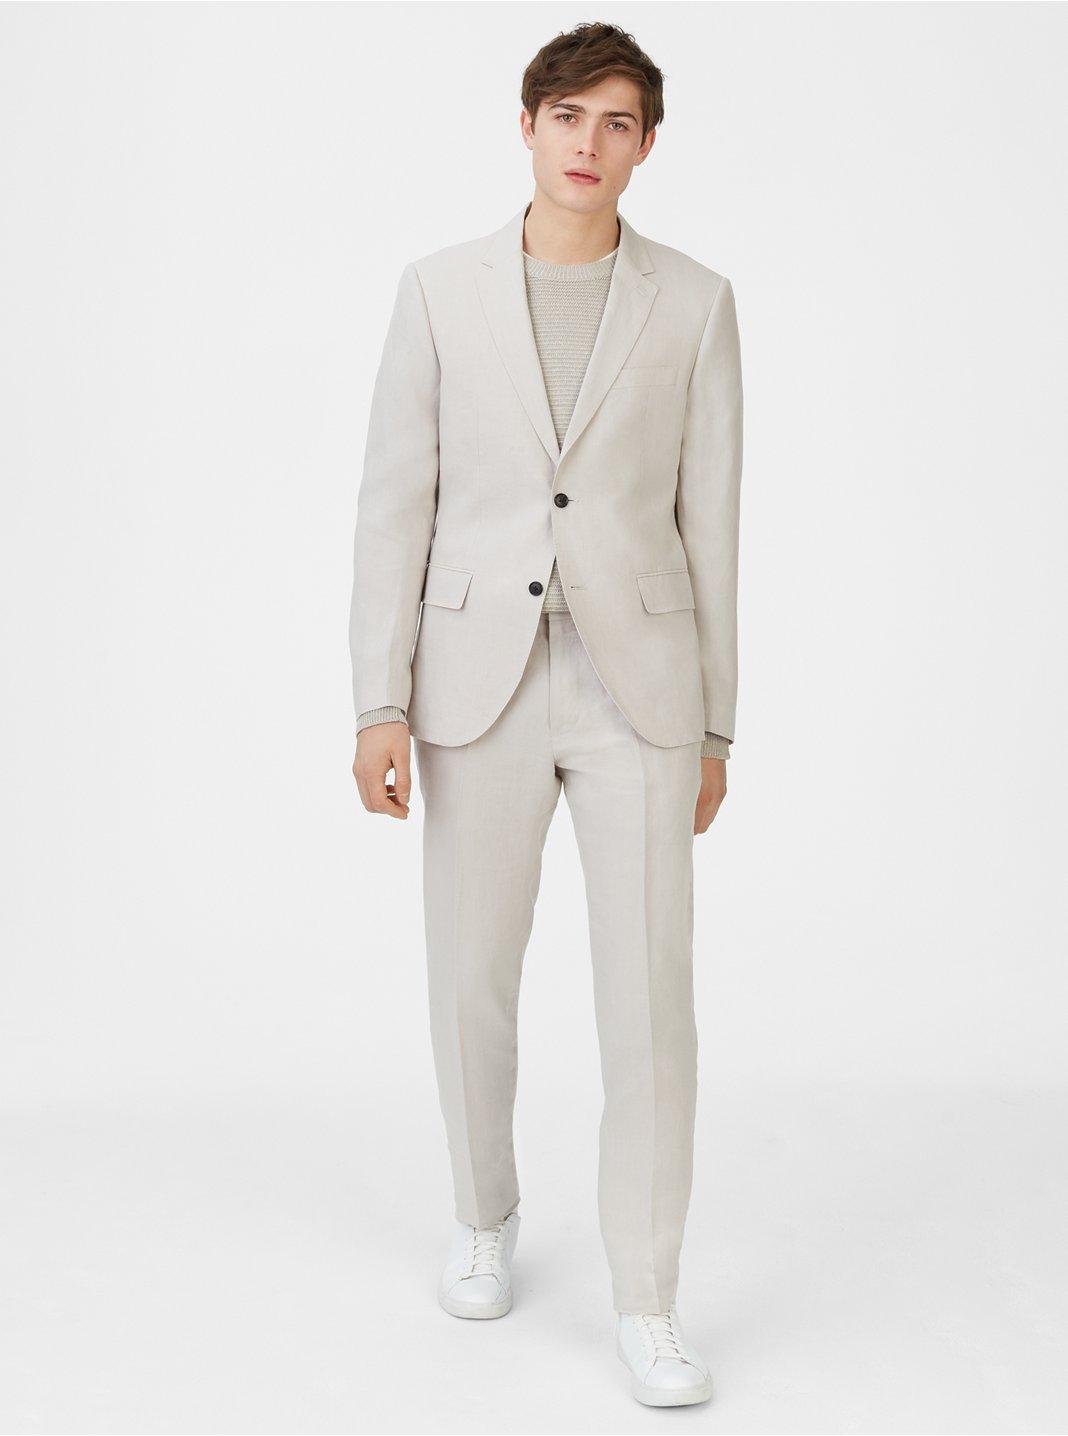 클럽 모나코 맨 Grant 리넨 블레이저 Club Monaco Grant Linen Blazer,Light Grey